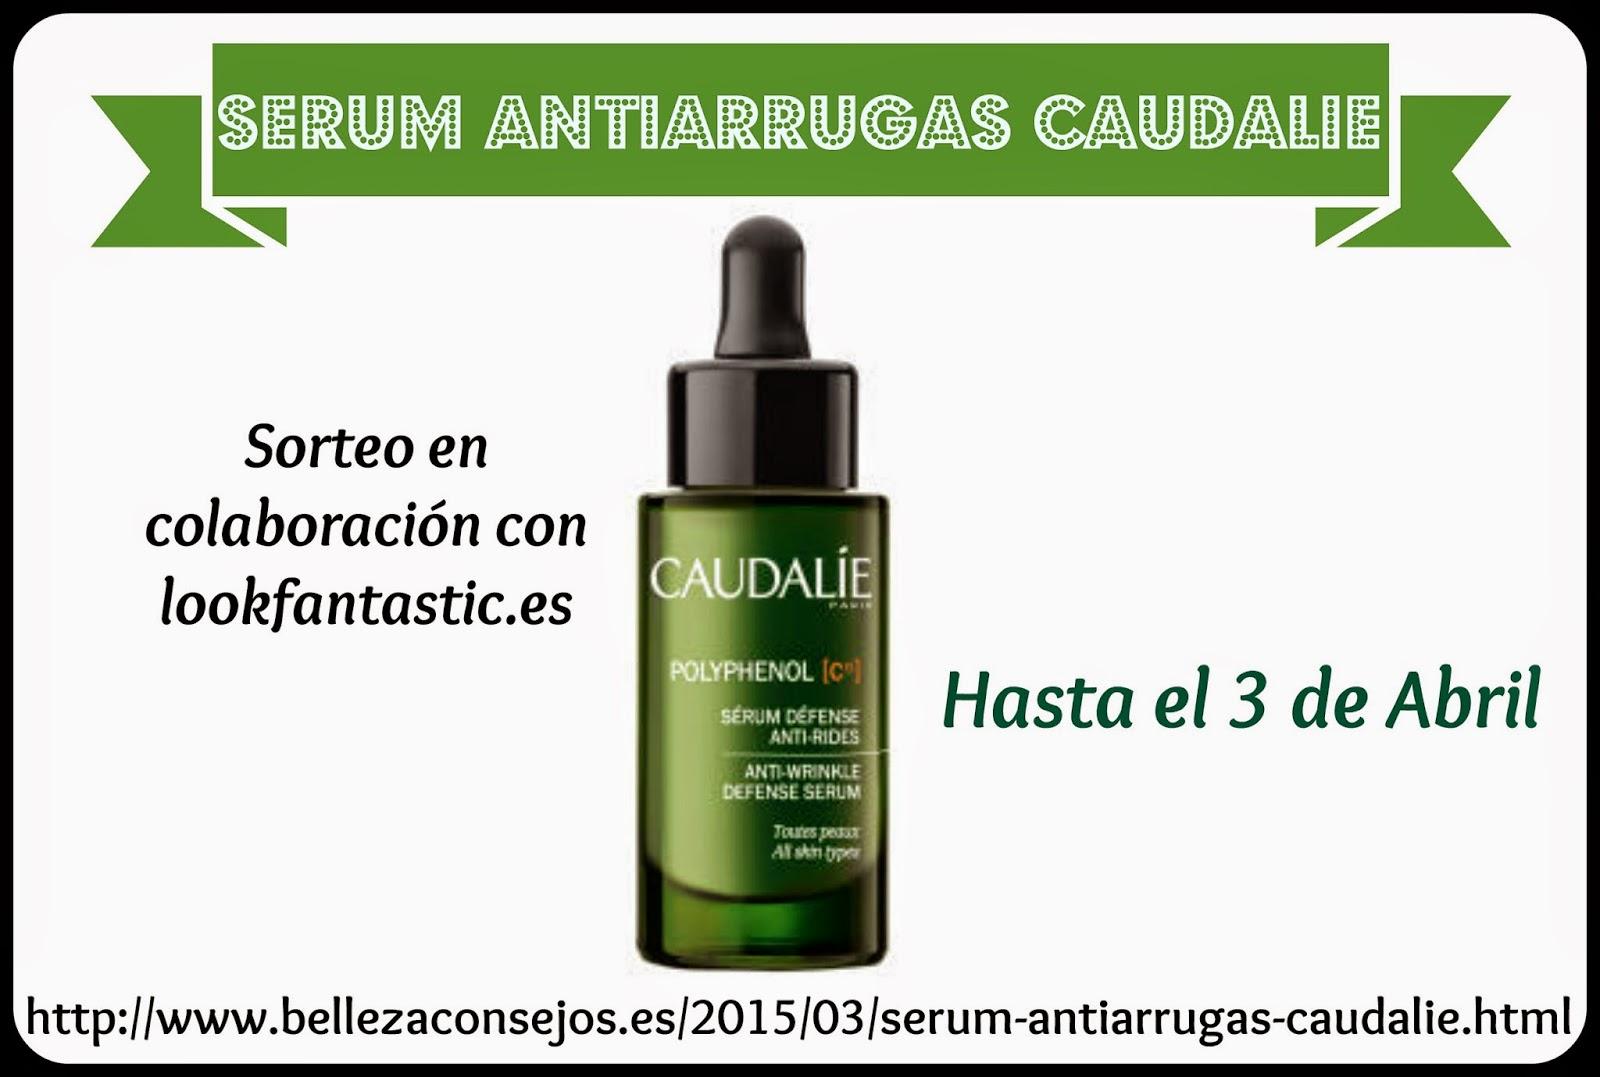 serum antiarrugas caudalie